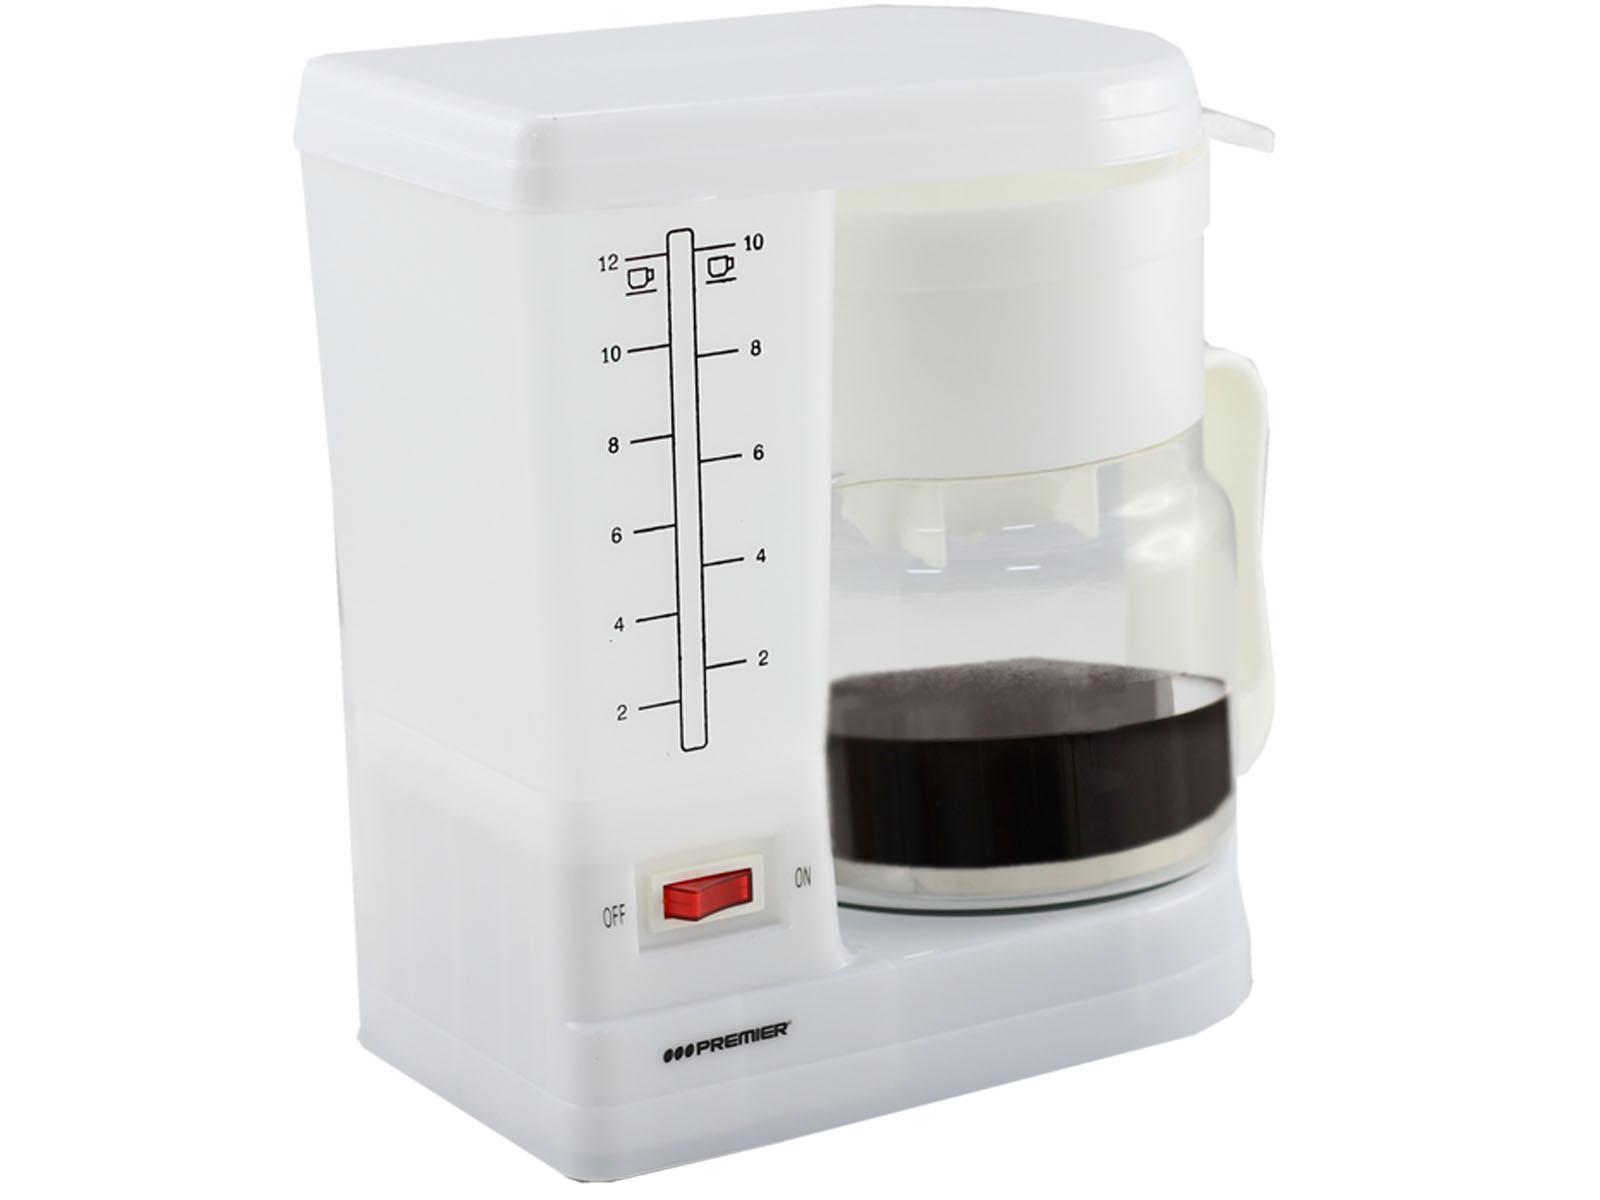 Imagen de producto Cafetera electrica (10 tazas) 2